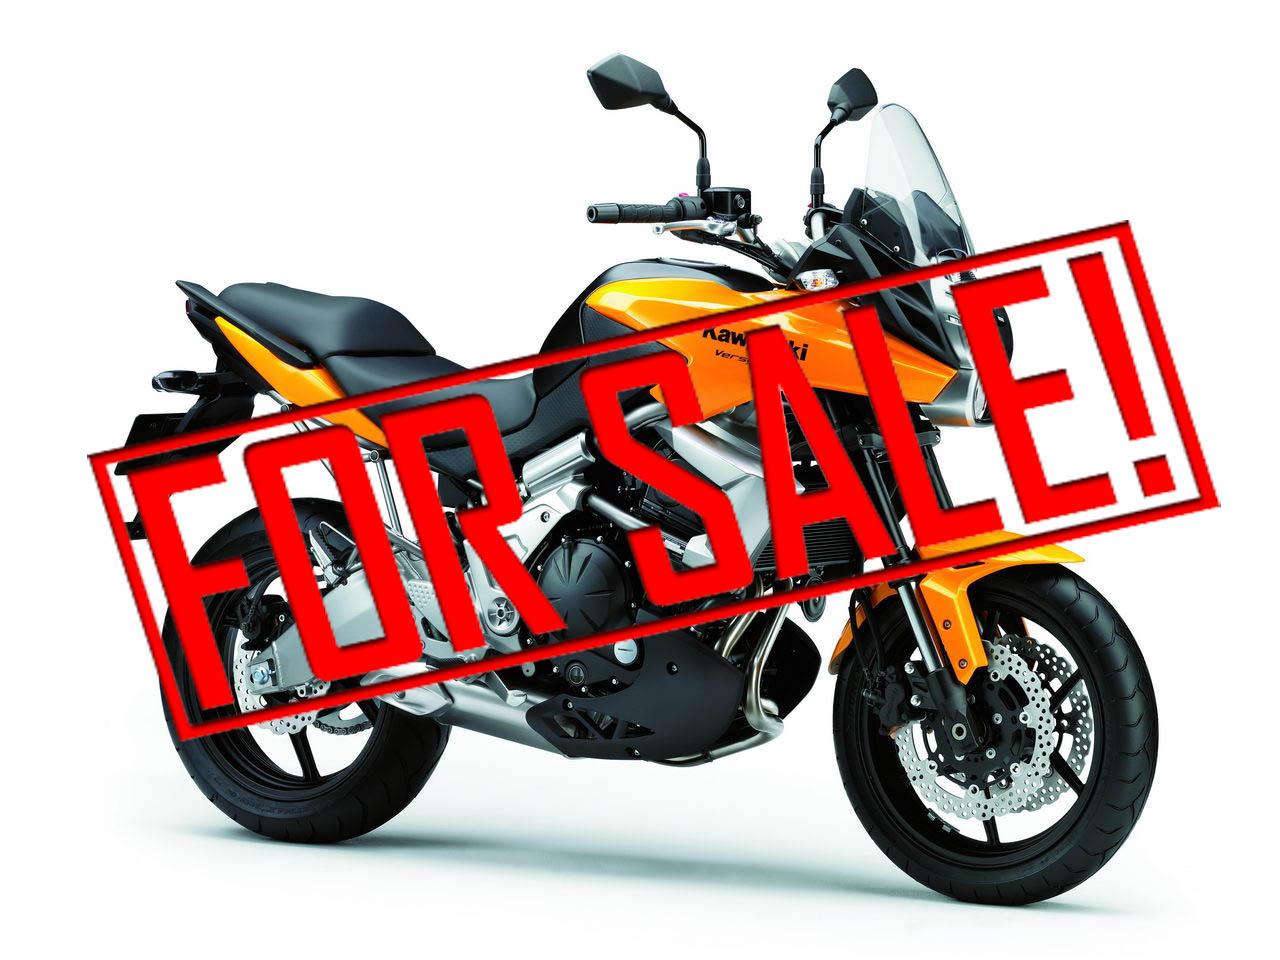 Las ventas de motos y ciclomotores en la UE crecen un 3,3% en el semestre